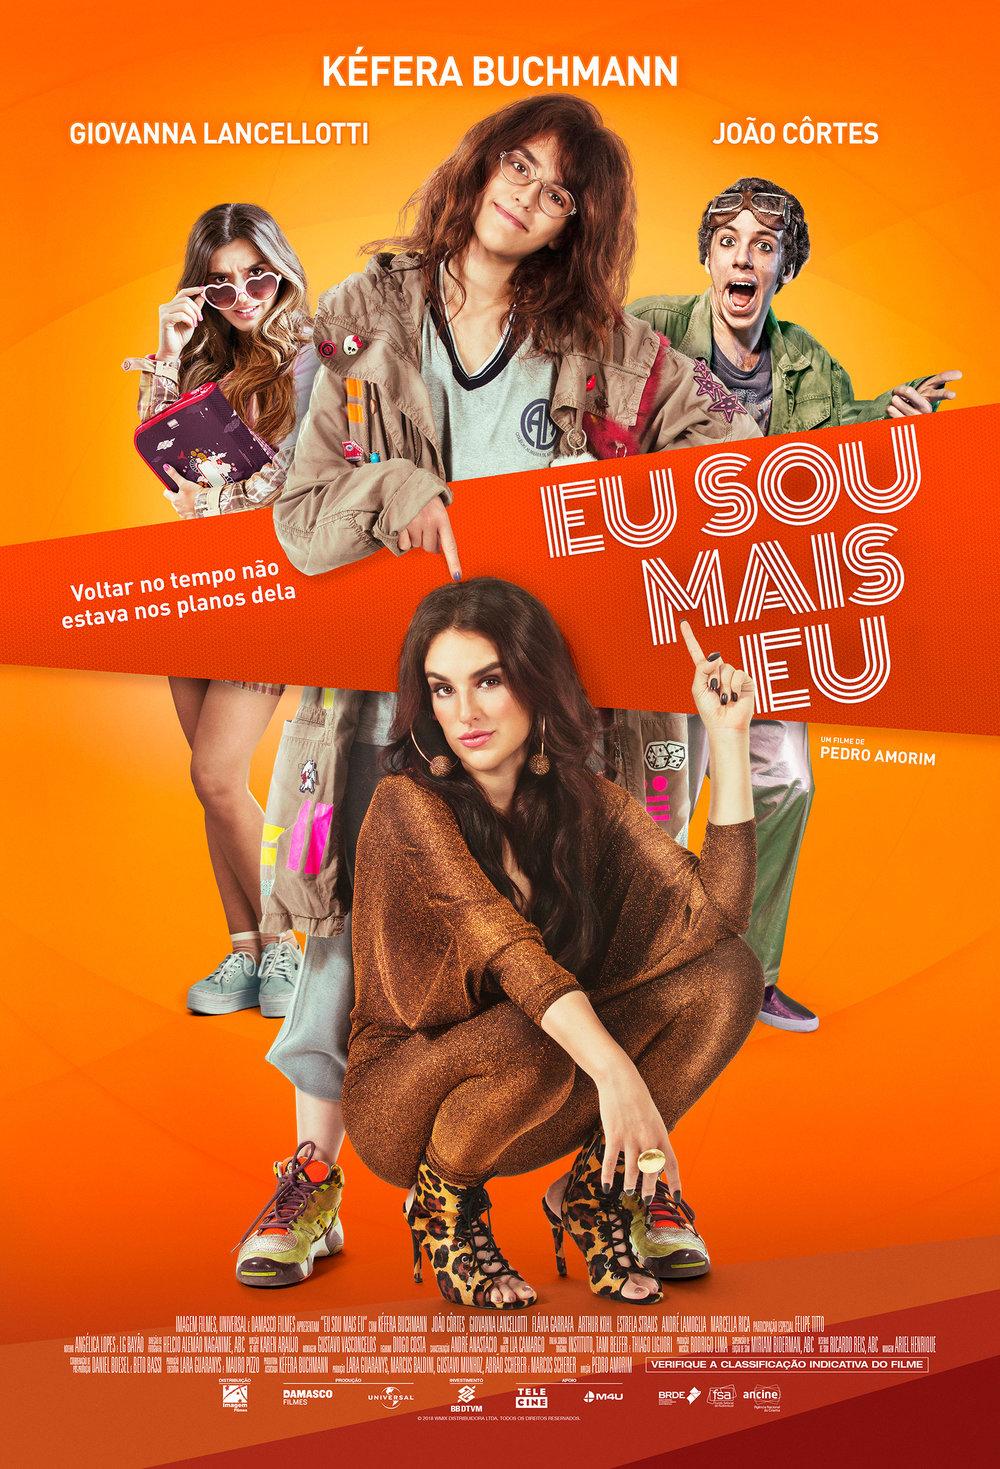 Cartaz EuSouMaisEu.jpg